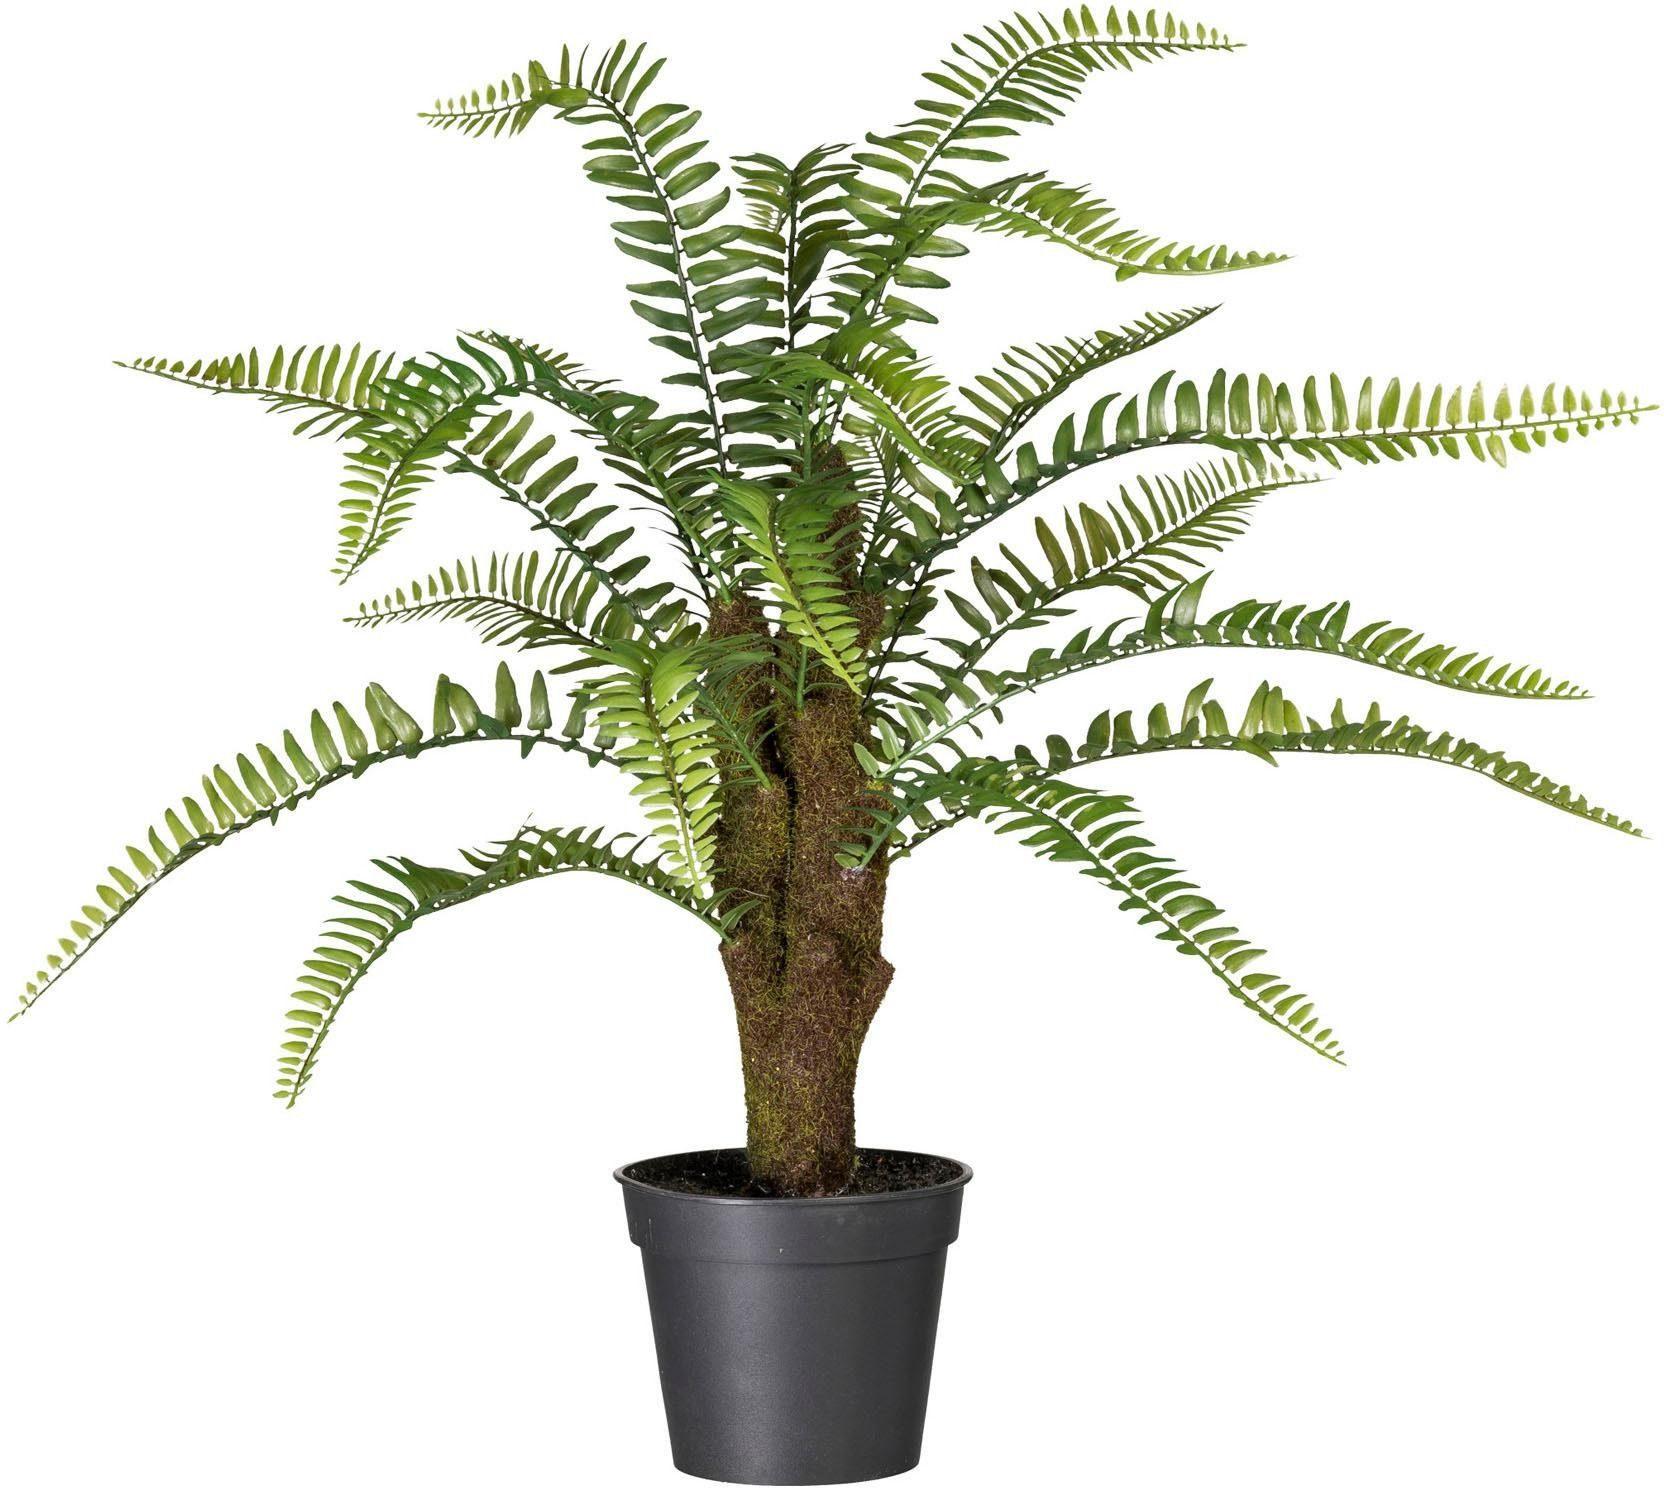 Künstliche Zimmerpflanze »Nephrolepis« x20, ca. 60 cm